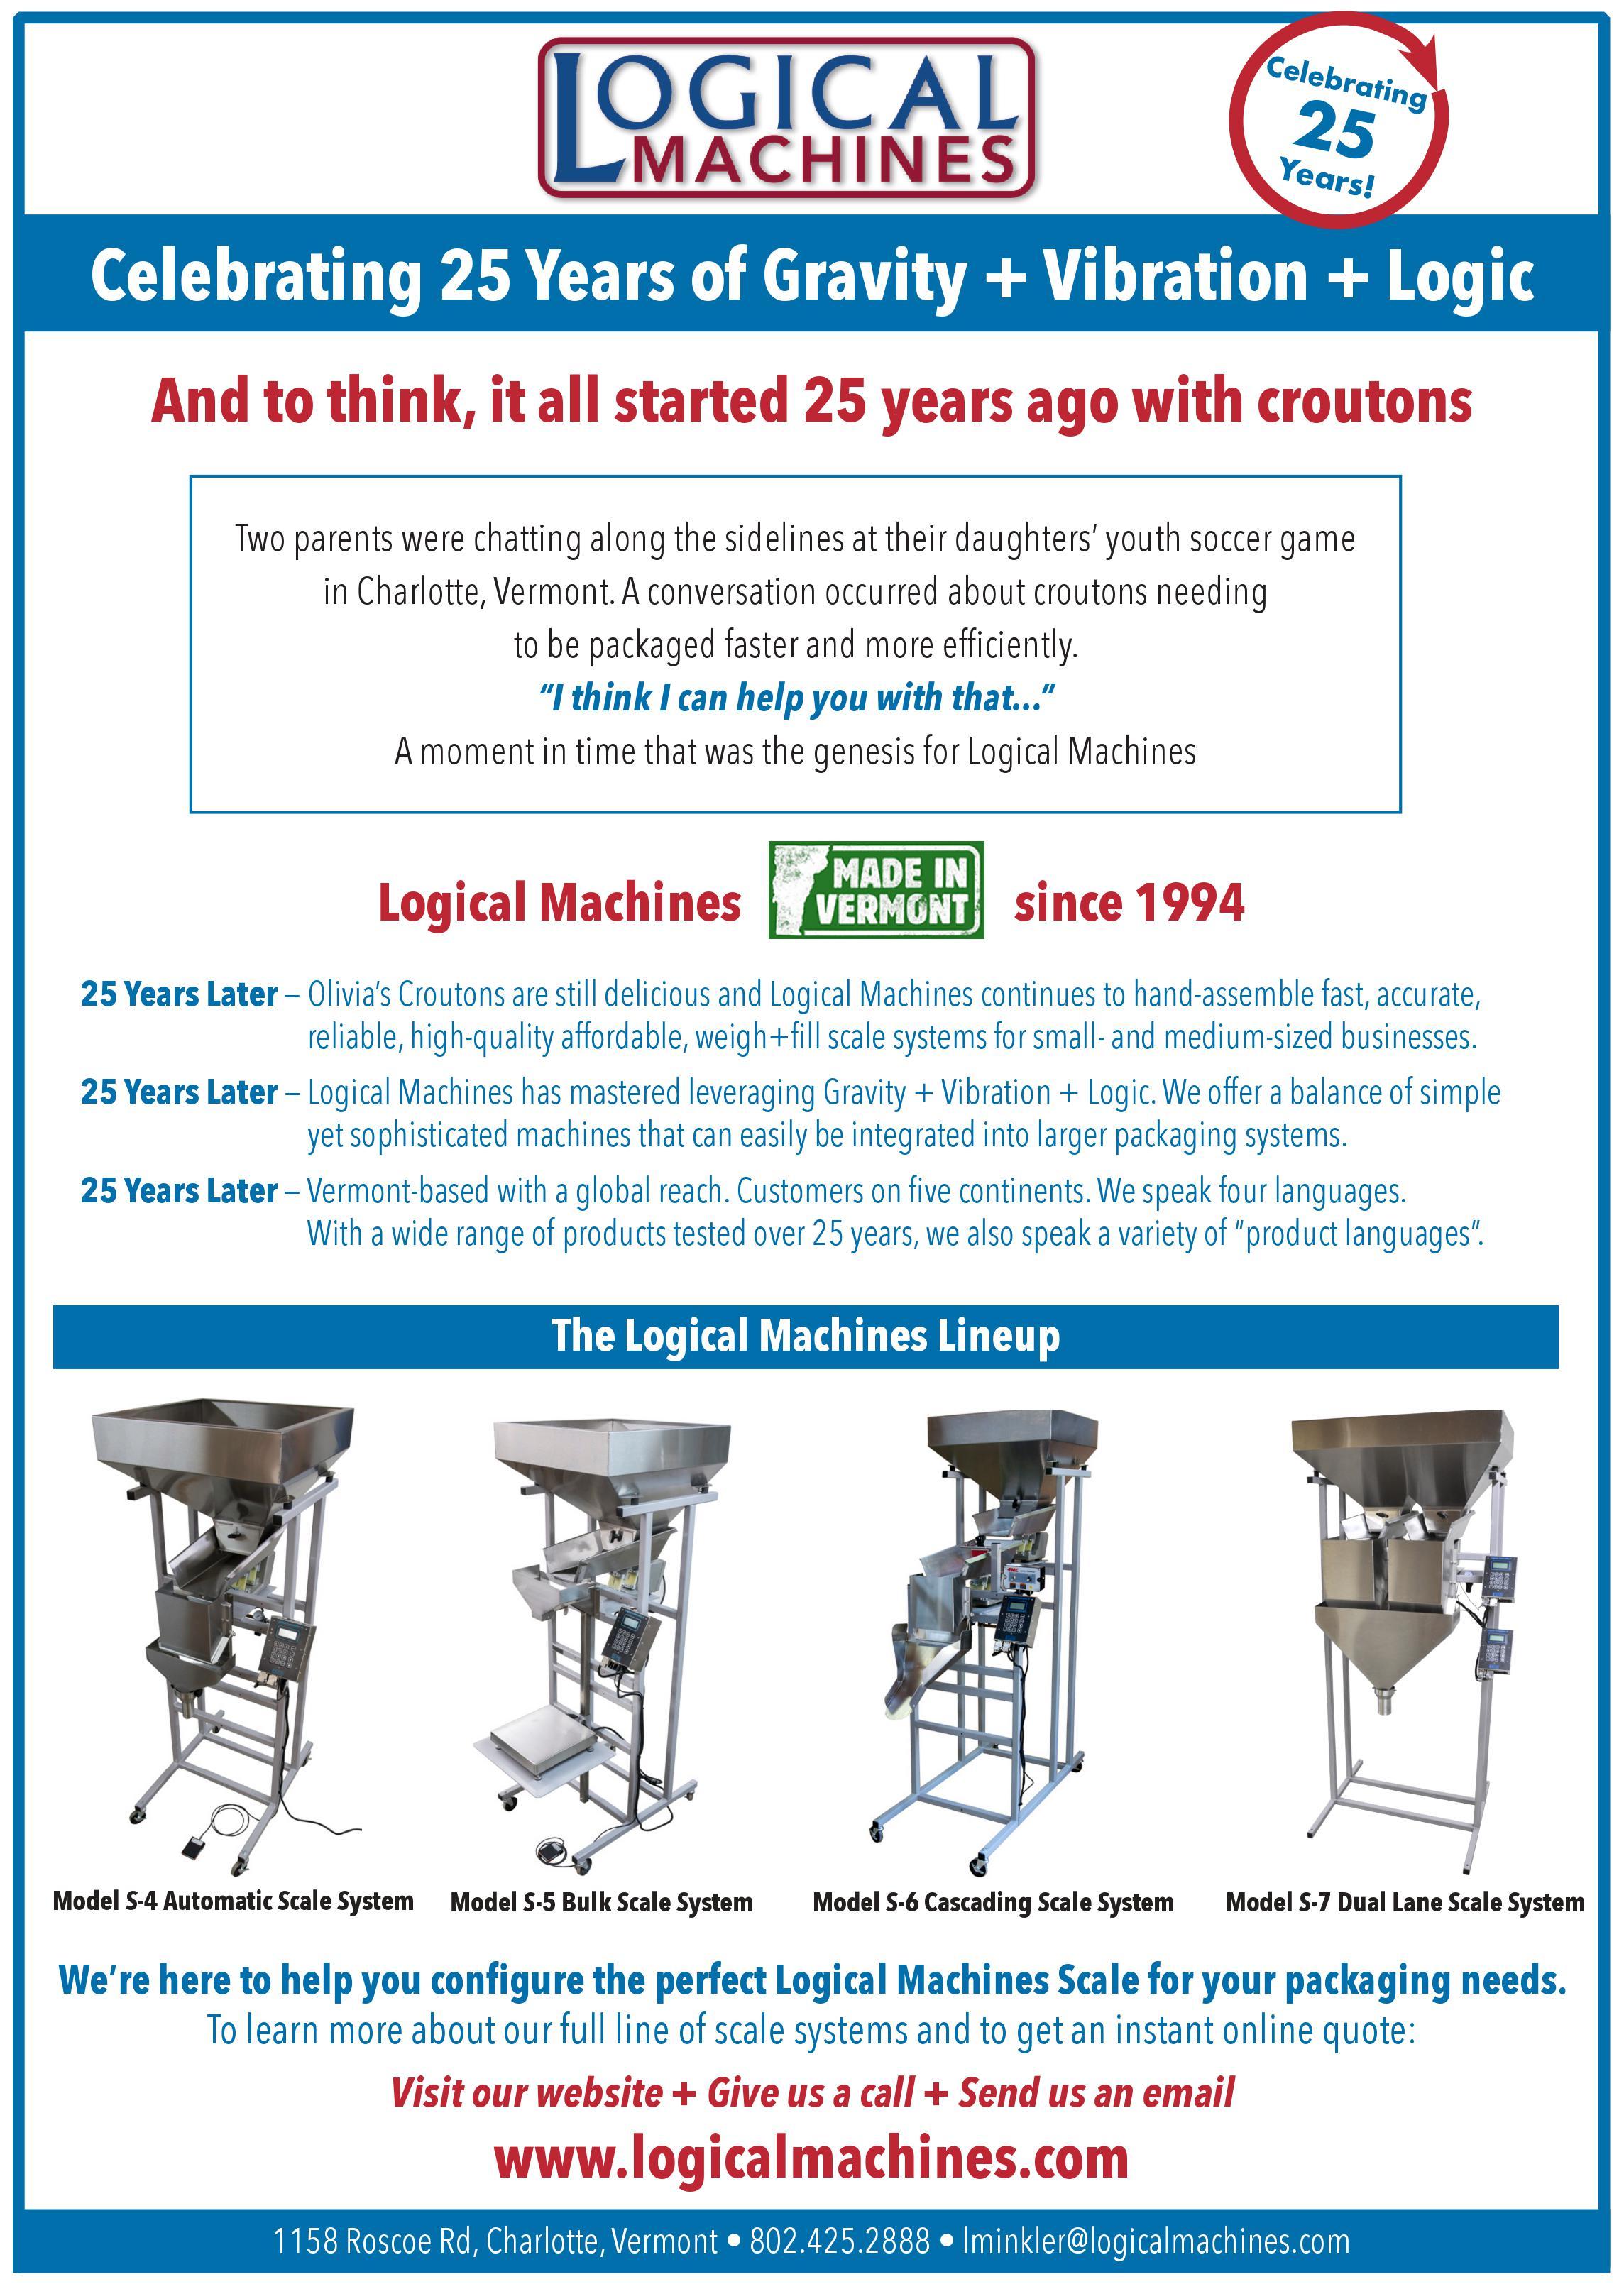 Celebrating 25 Years of Gravity + Vibration + Logic